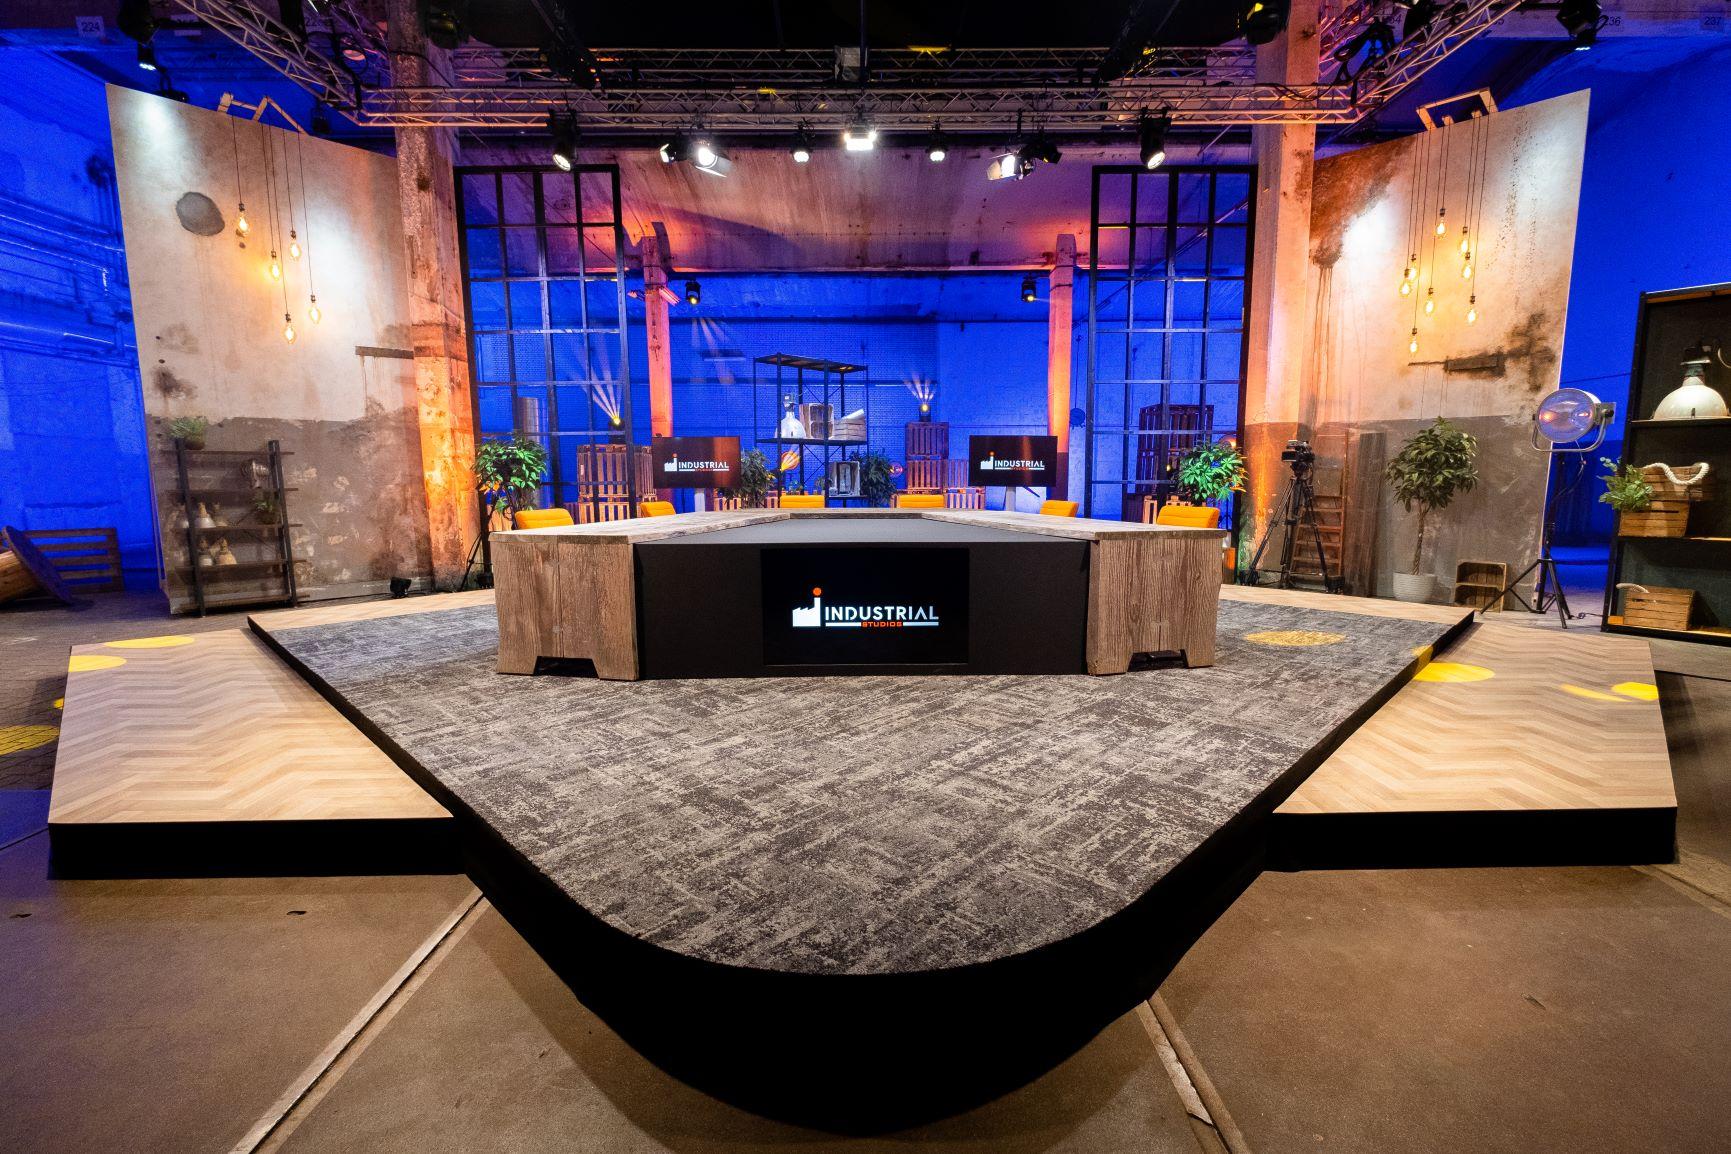 Industrial Studios op IPKW vernieuwd: 360 graden decor